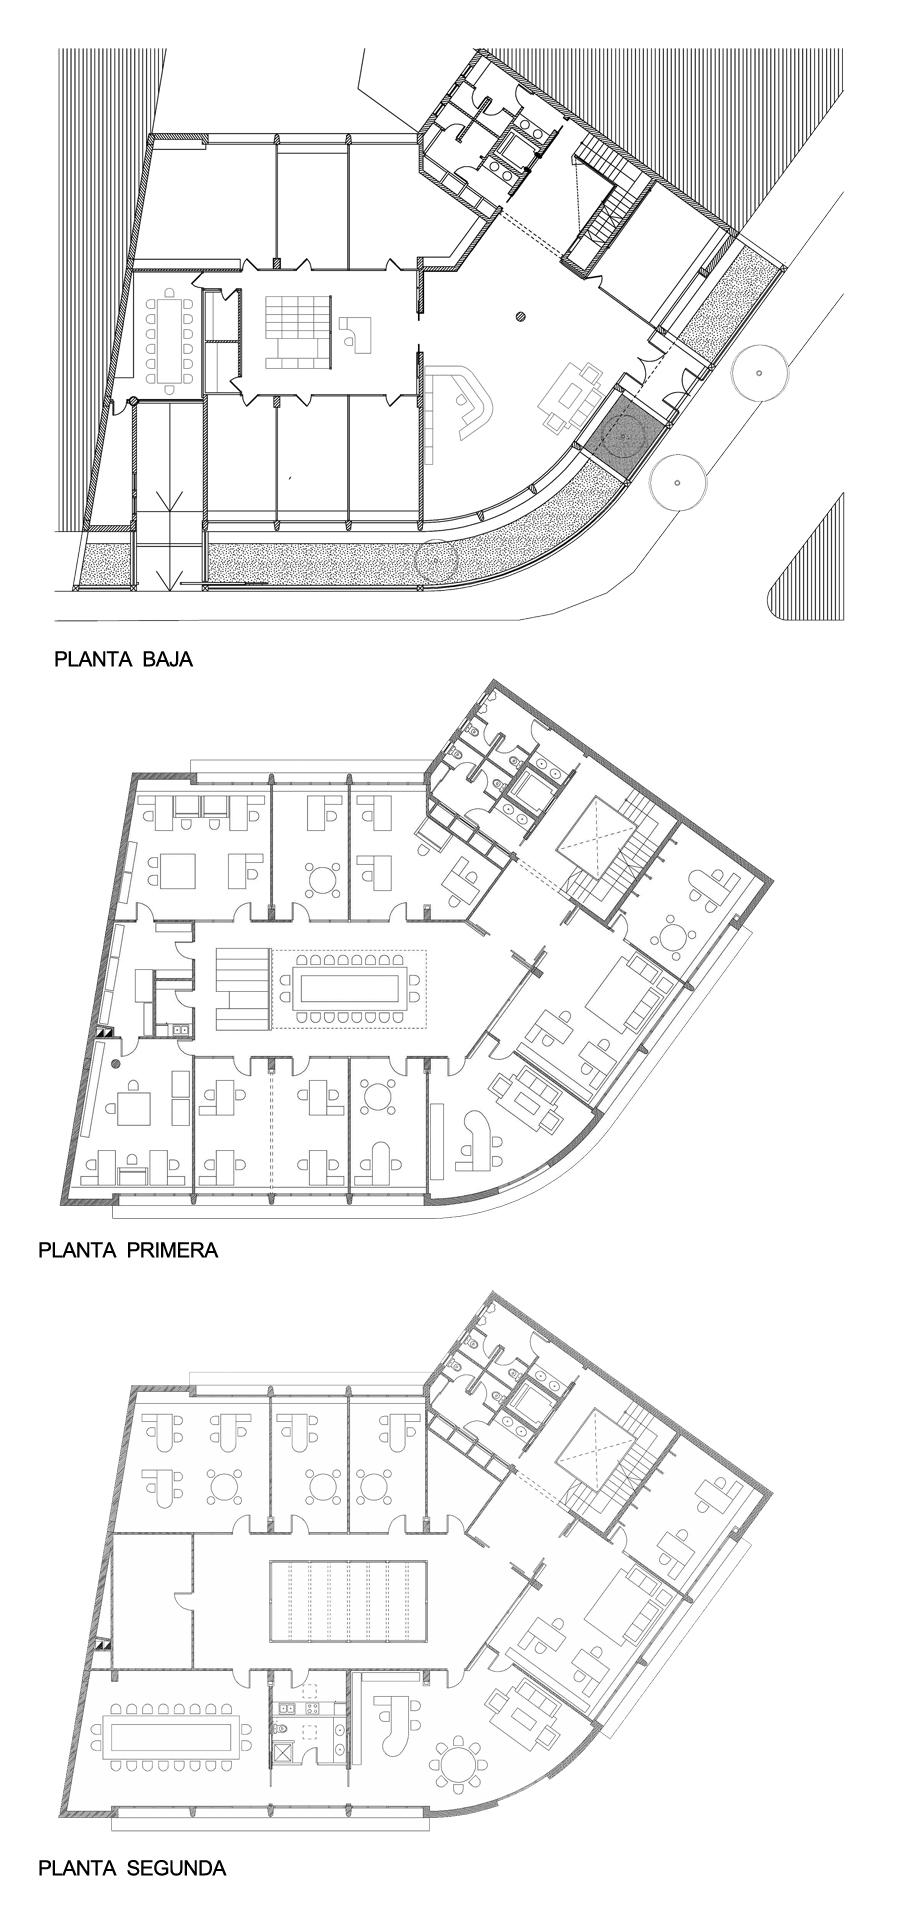 Correa + Estevez Arquitectura - Sede Gestur Tenerife Plantas.jpg